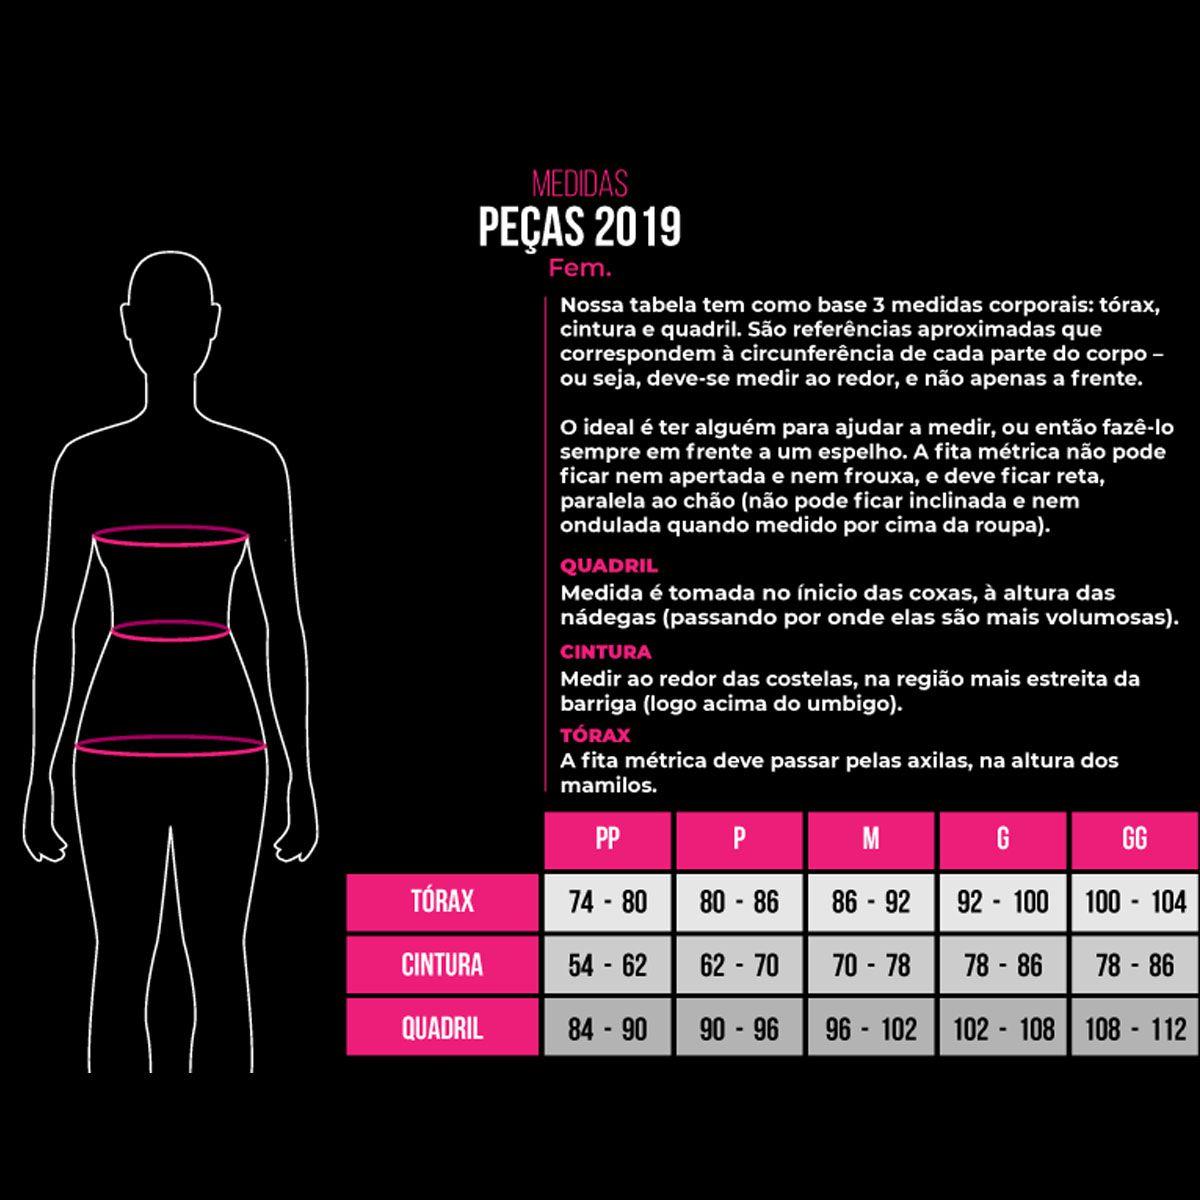 MACAQUINHO WOOM FEMININO TRIATHLON COM MANGA FANTASY ROSA PRETO E BRANCO 20